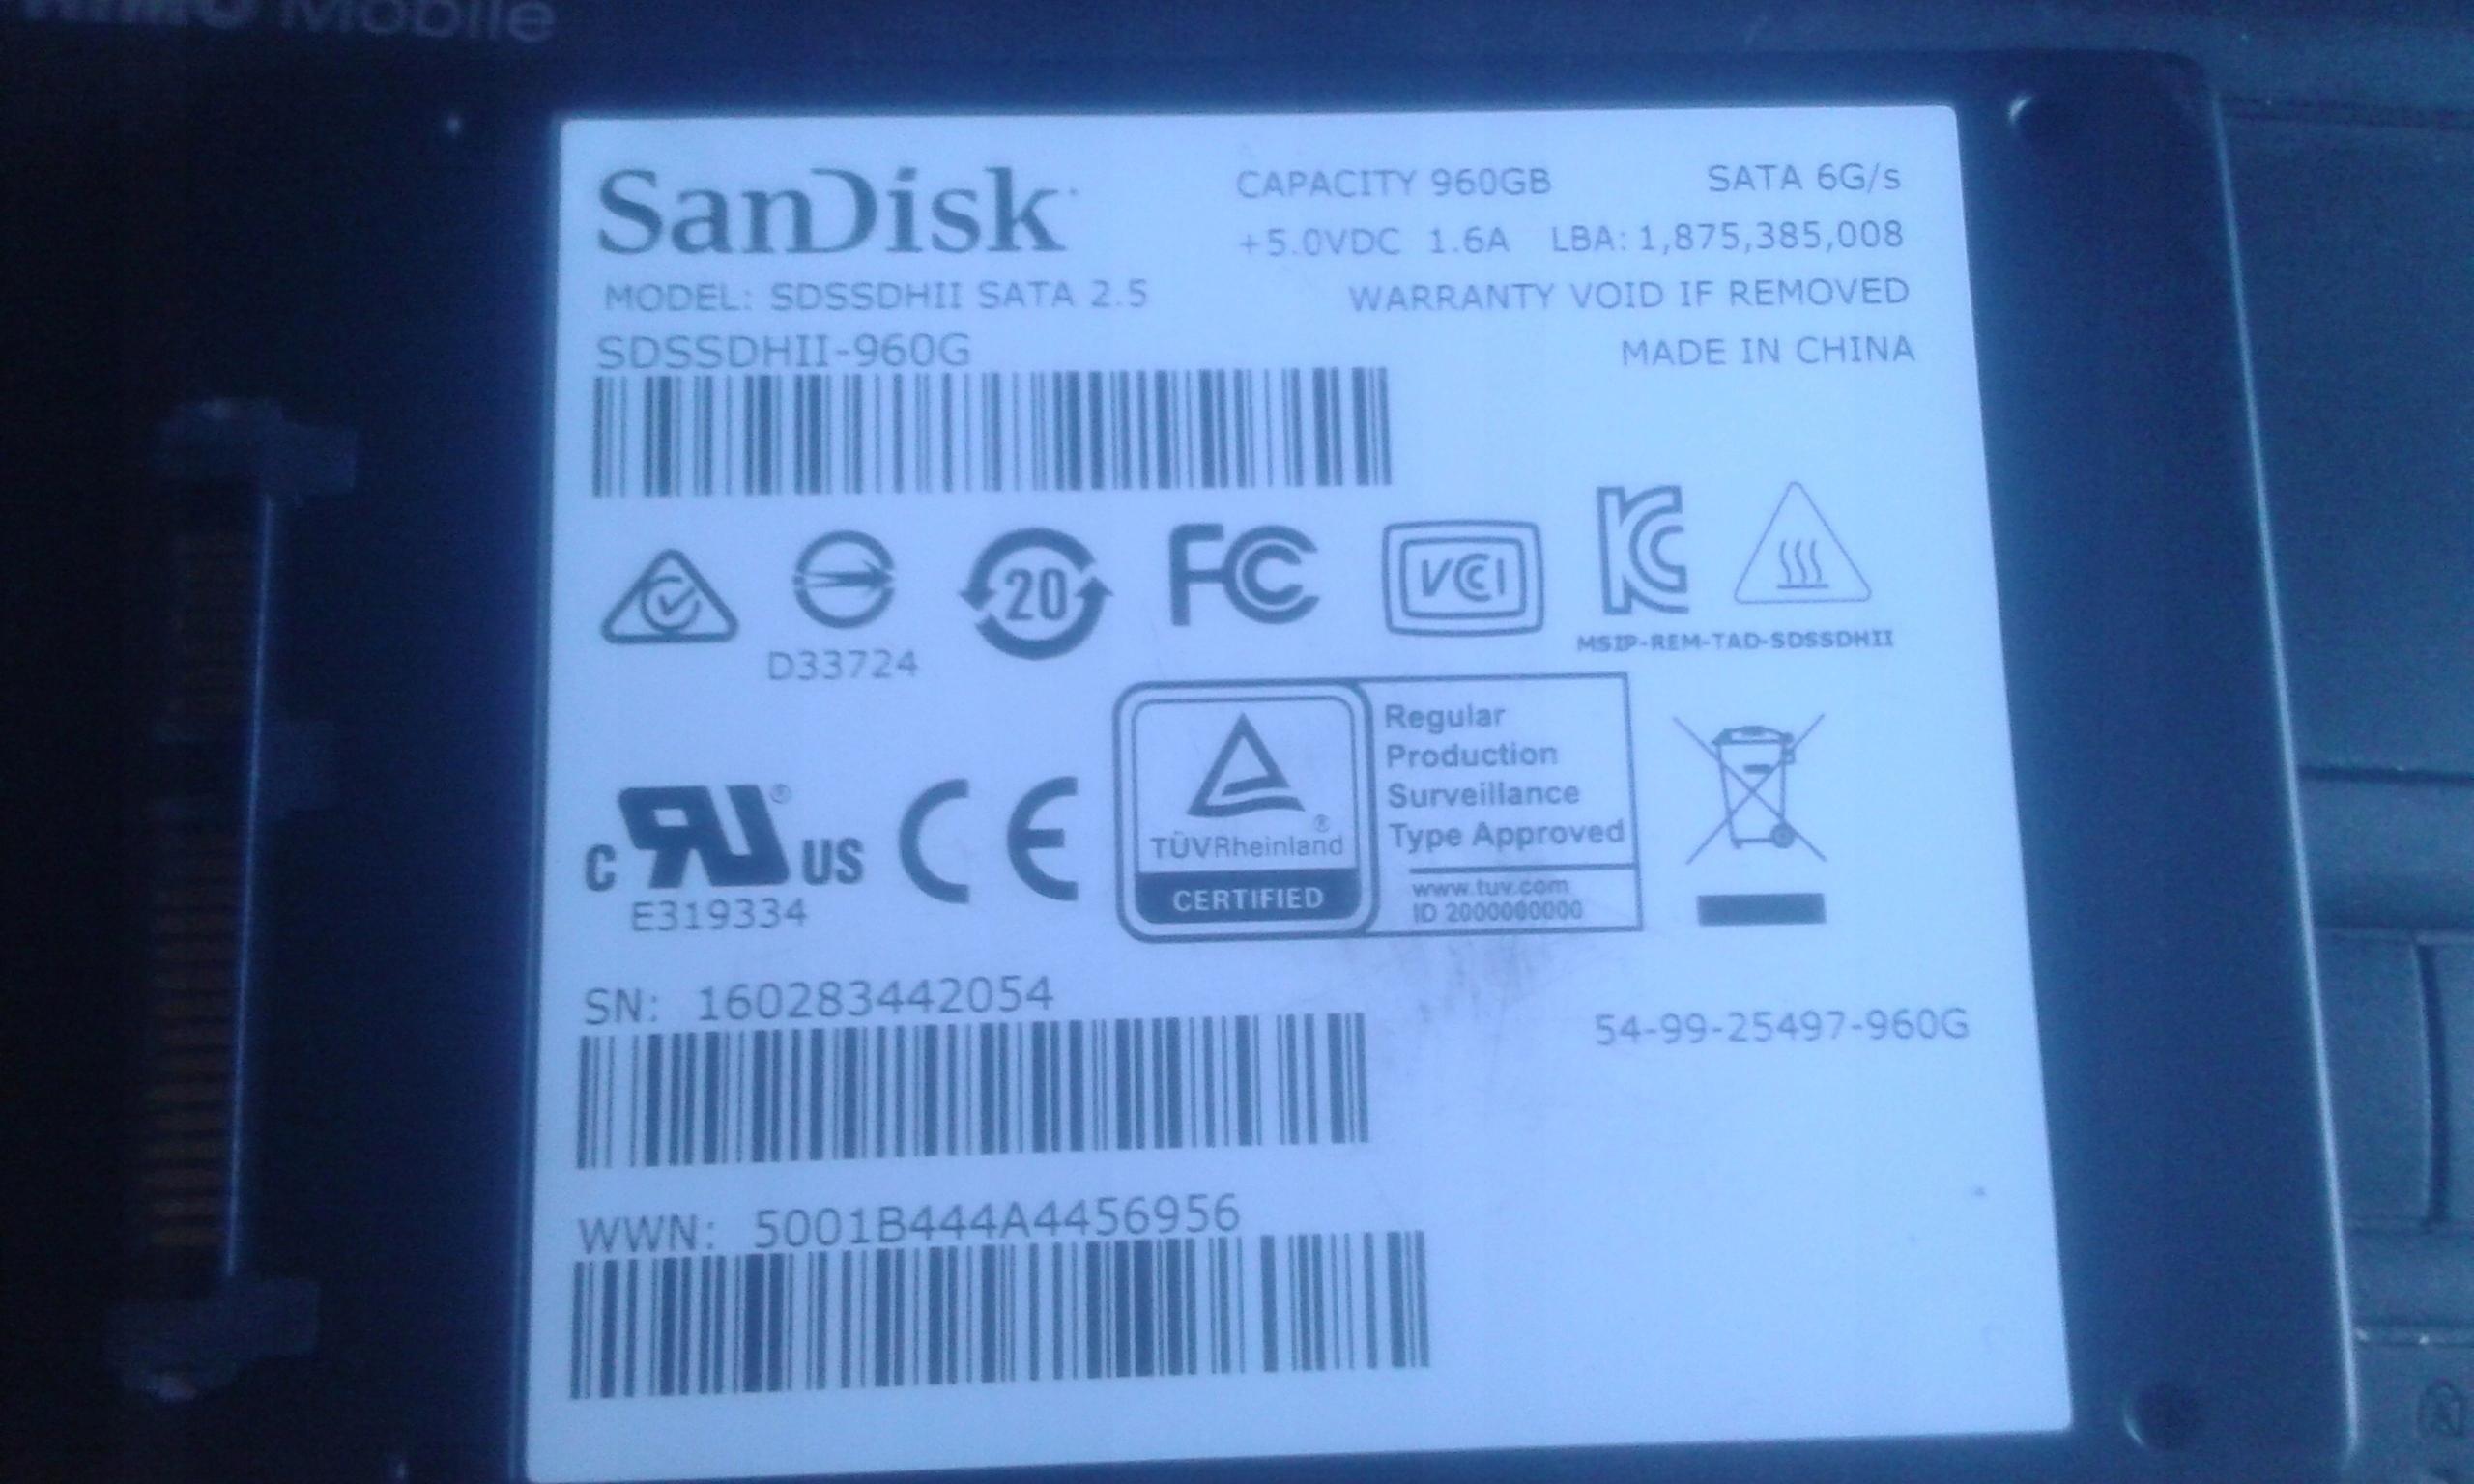 USZKODZONY DYSK SSD 960 GB SANDISK